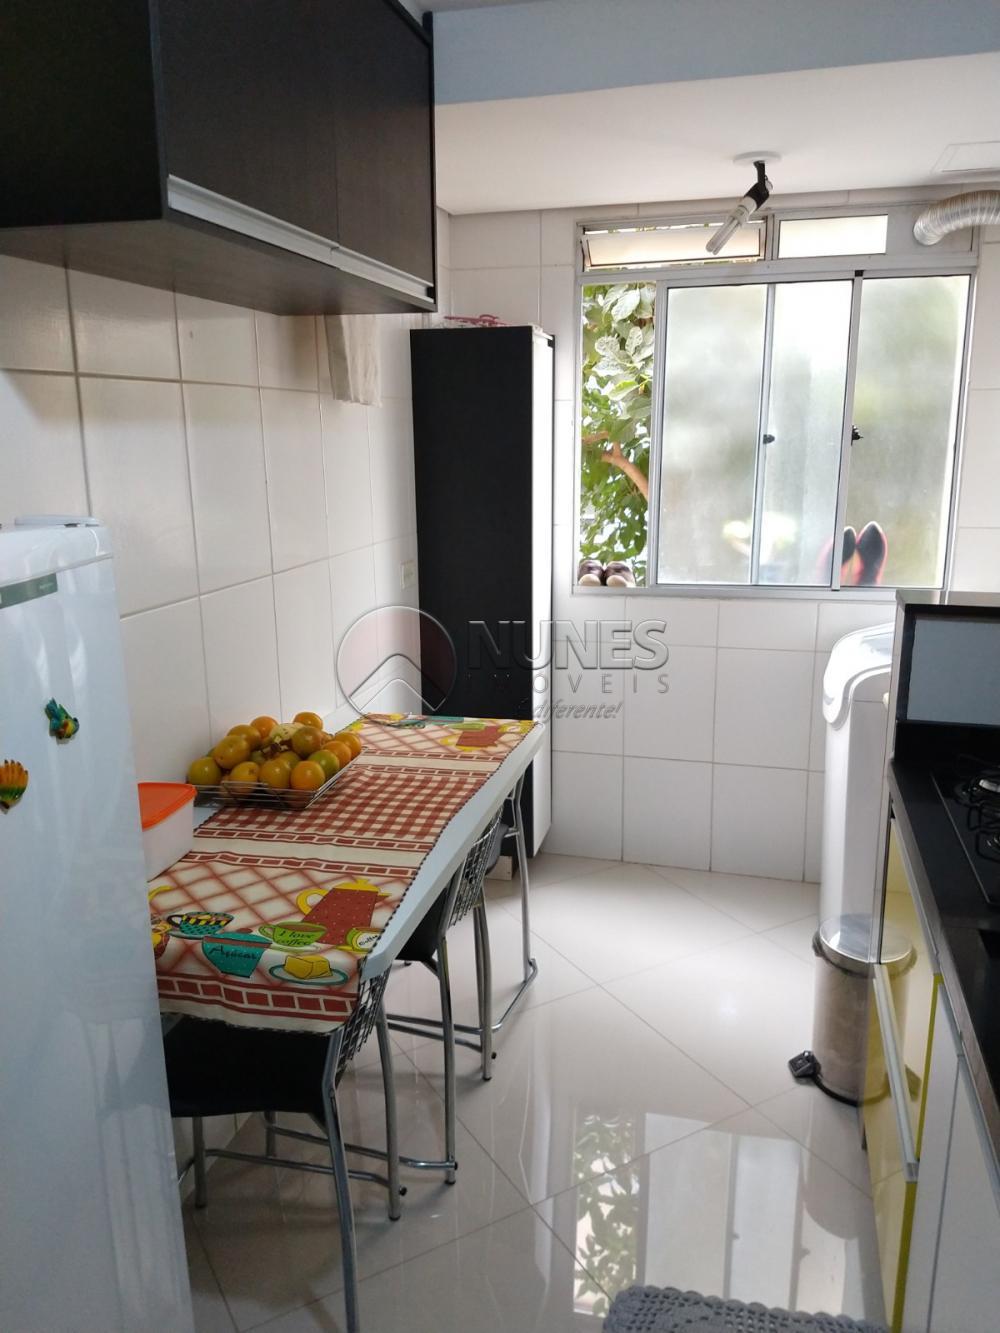 Comprar Apartamento / Padrão em Osasco apenas R$ 190.000,00 - Foto 5